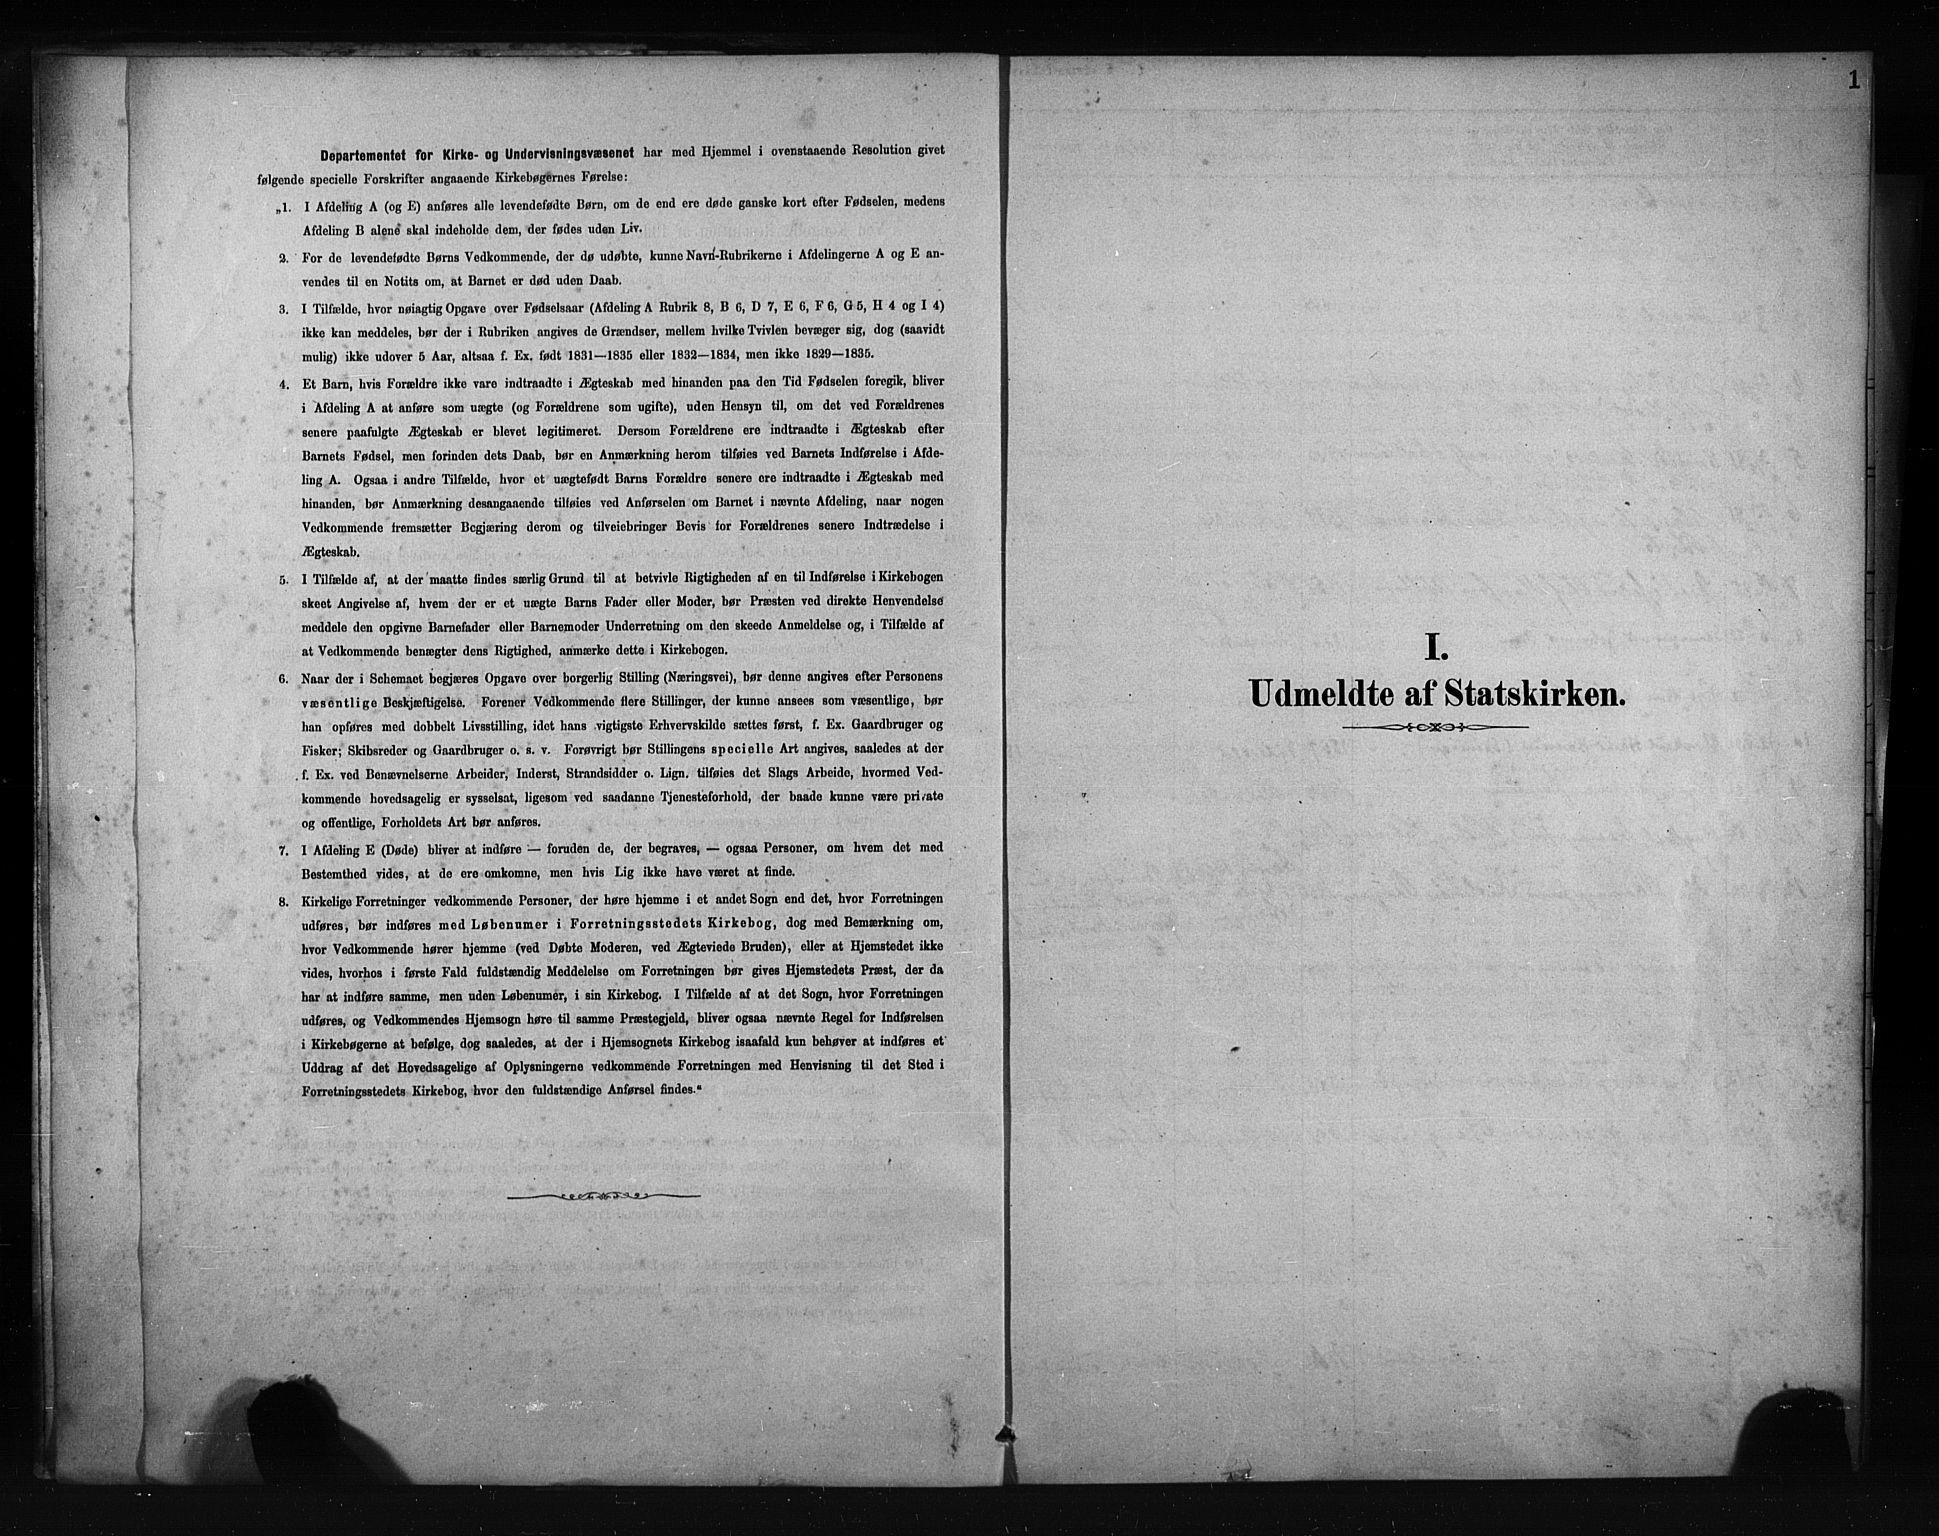 SAKO, Porsgrunn kirkebøker , F/Fa/L0009: Ministerialbok nr. 9, 1878-1923, s. 1